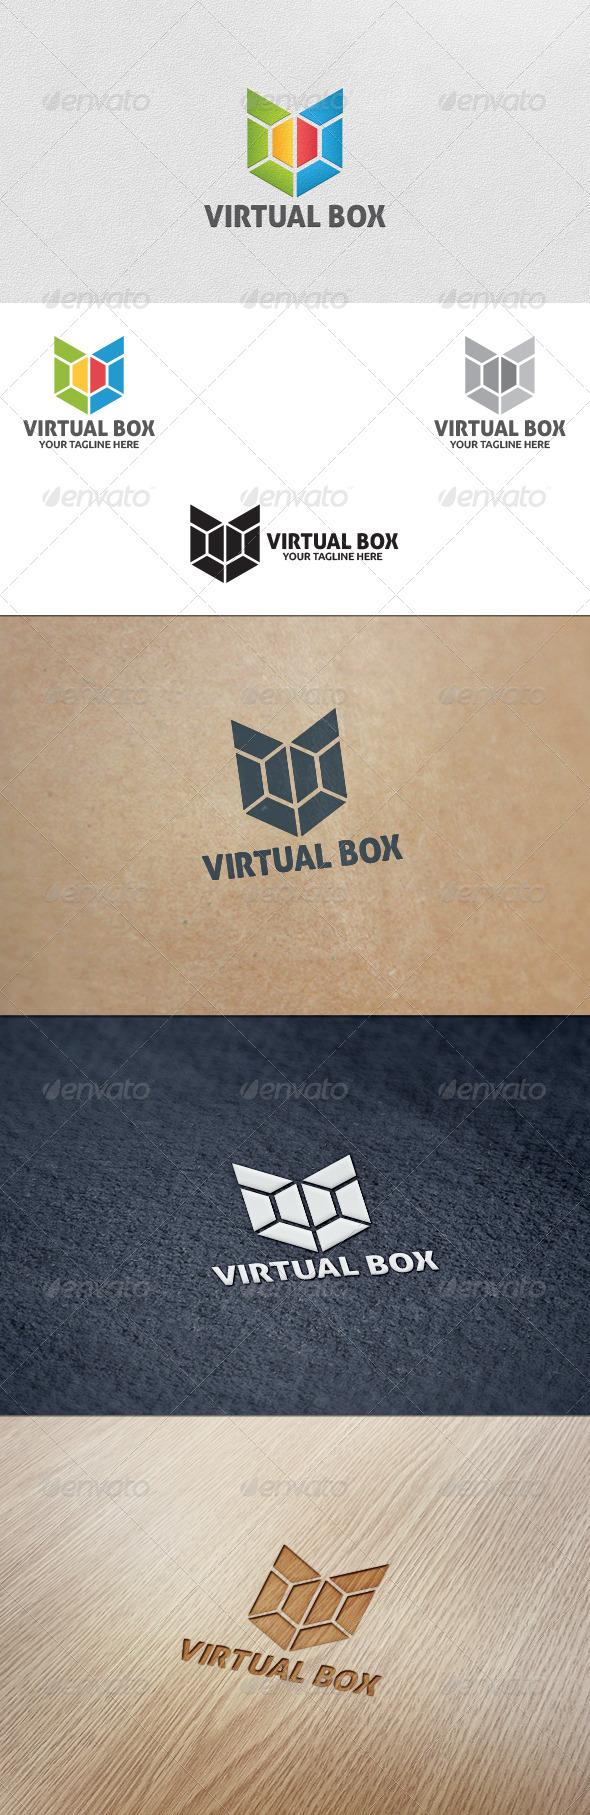 GraphicRiver Virtual Box Logo Template 5636944